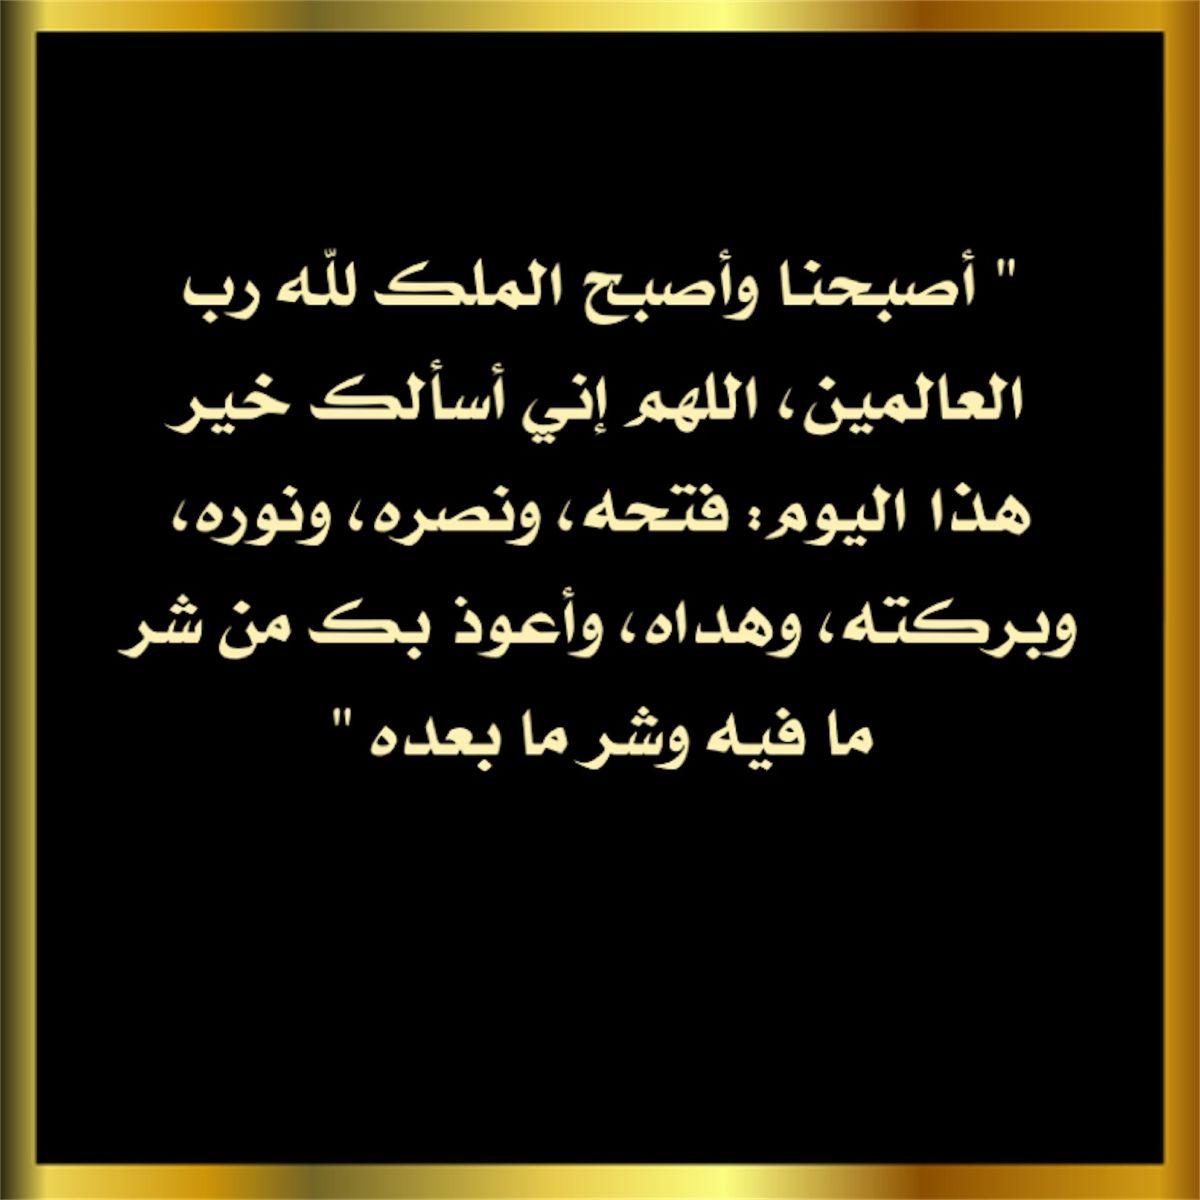 د ع اء الصباح Arabic Calligraphy Calligraphy